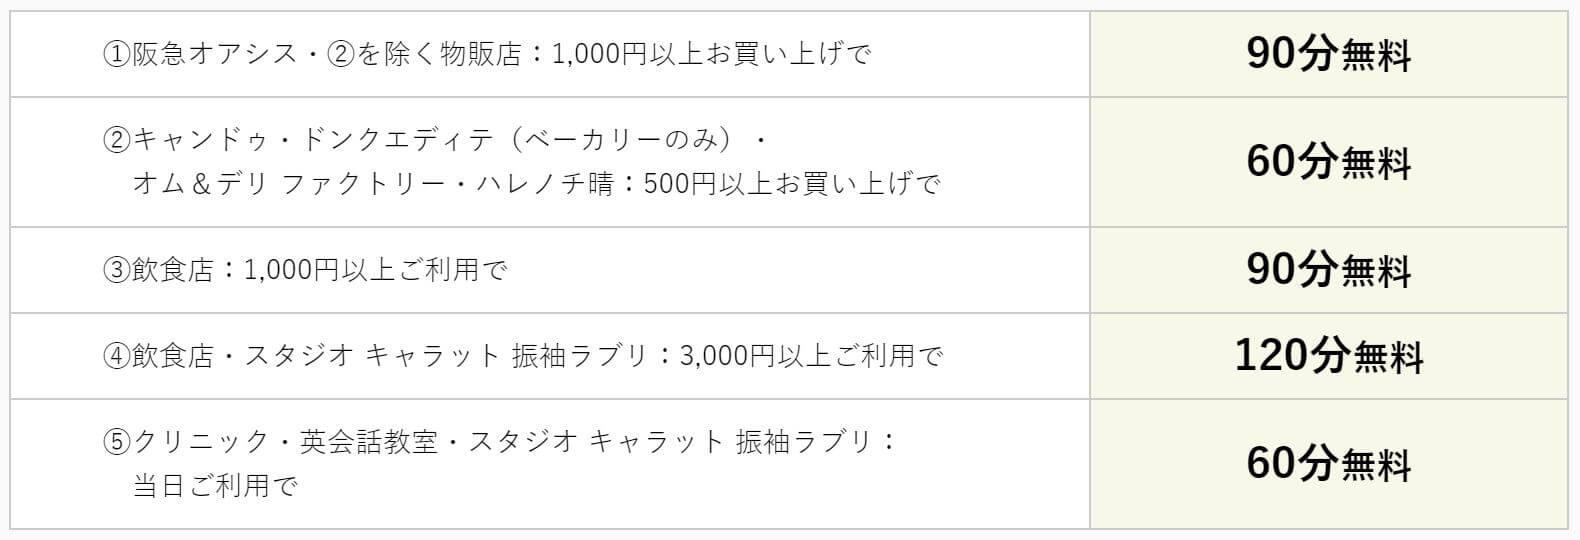 吹田グリーンプレイス駐車料金